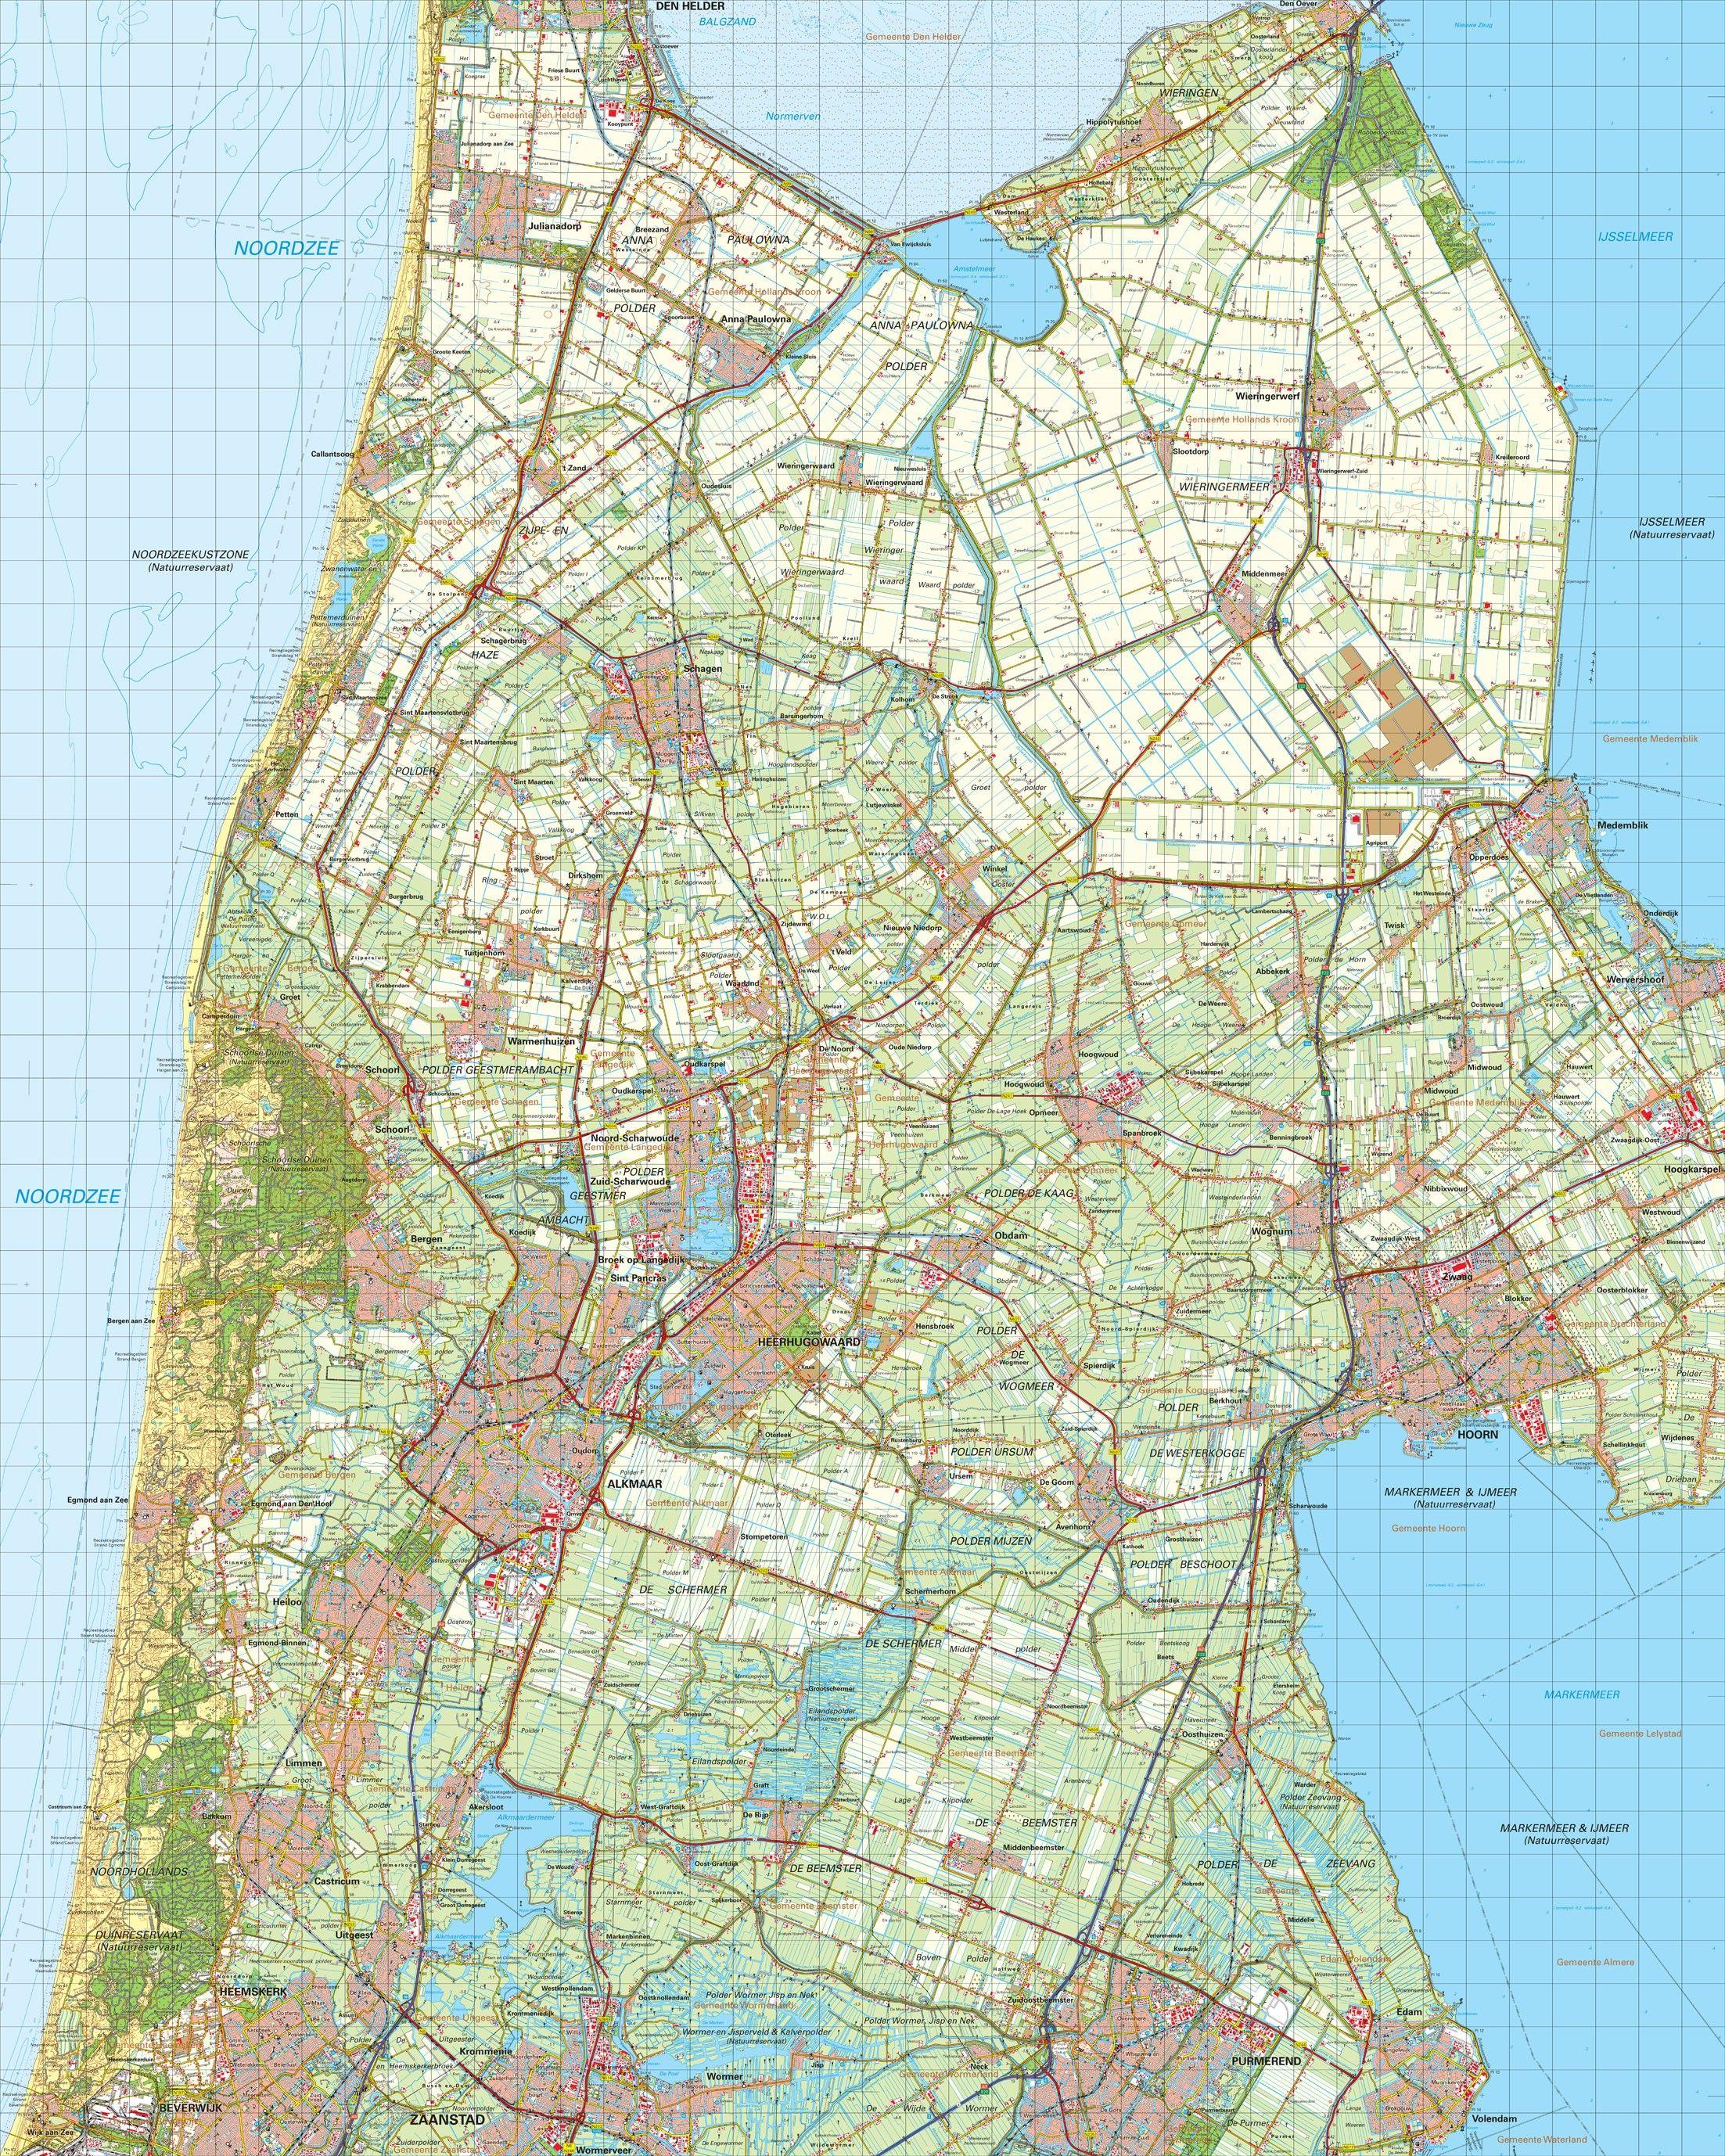 Topografische kaart schaal 1:50.000 (Alkmaar,Schagen,Hoorn,Heerhugowaard)